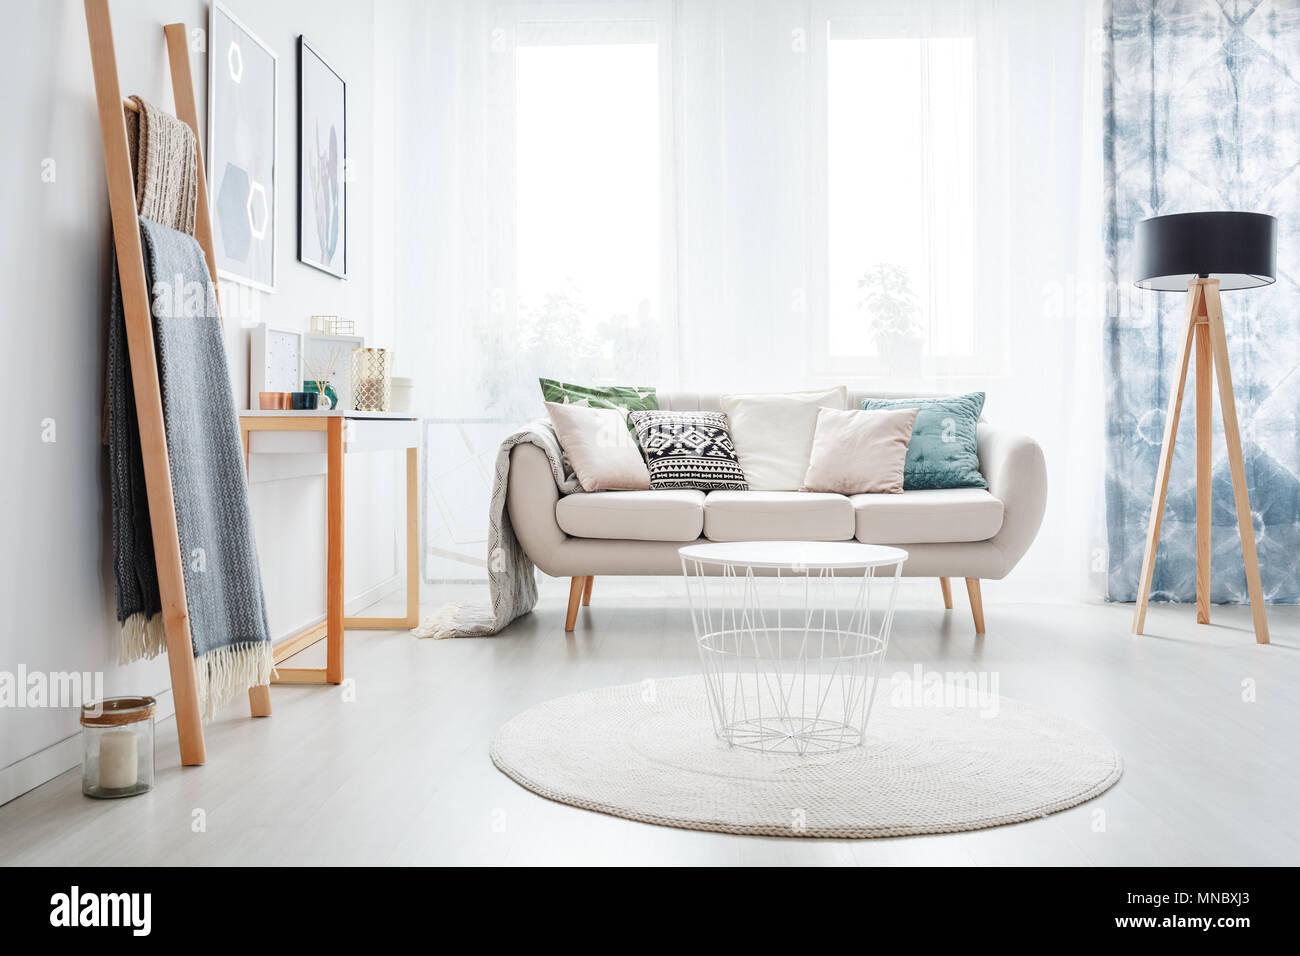 Weisse Runde Teppich In Helles Wohnzimmer Mit Lampe Und Leiter In